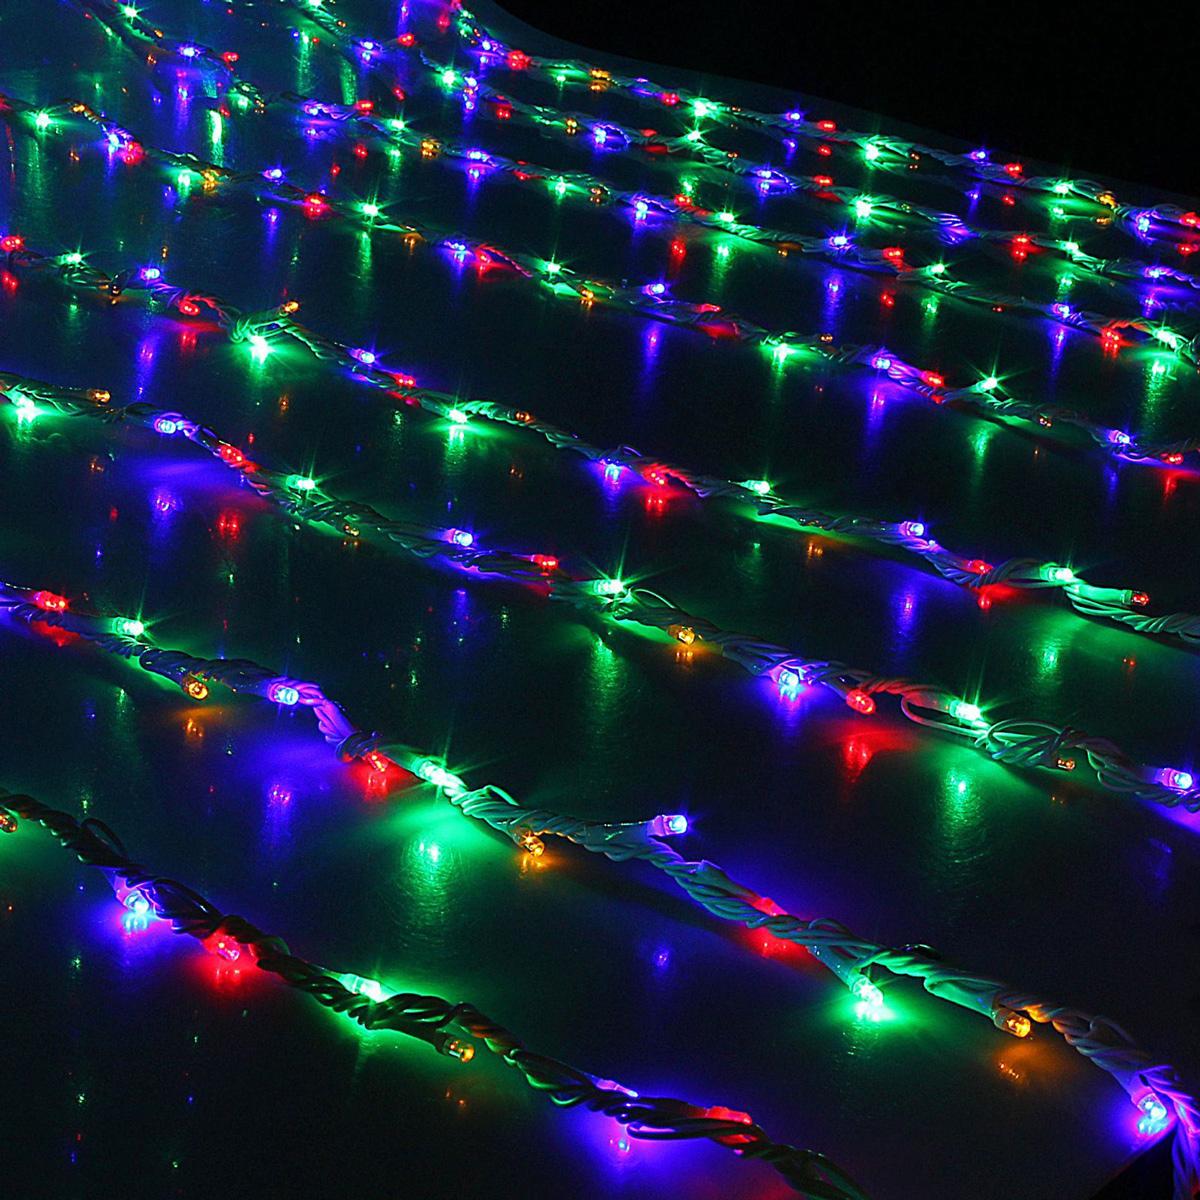 Гирлянда светодиодная Luazon Дождь, уличная, 800 ламп, 220 V, цвет: мультиколор, 2 х 3 м. 10801971080421Светодиодные гирлянды, ленты и т.д — это отличный вариант для новогоднего оформления интерьера или фасада. С их помощью помещение любого размера можно превратить в праздничный зал, а внешние элементы зданий, украшенные ими, мгновенно станут напоминать очертания сказочного дворца. Такие украшения создают ауру предвкушения чуда. Деревья, фасады, витрины, окна и арки будто специально созданы, чтобы вы украсили их светящимися нитями.